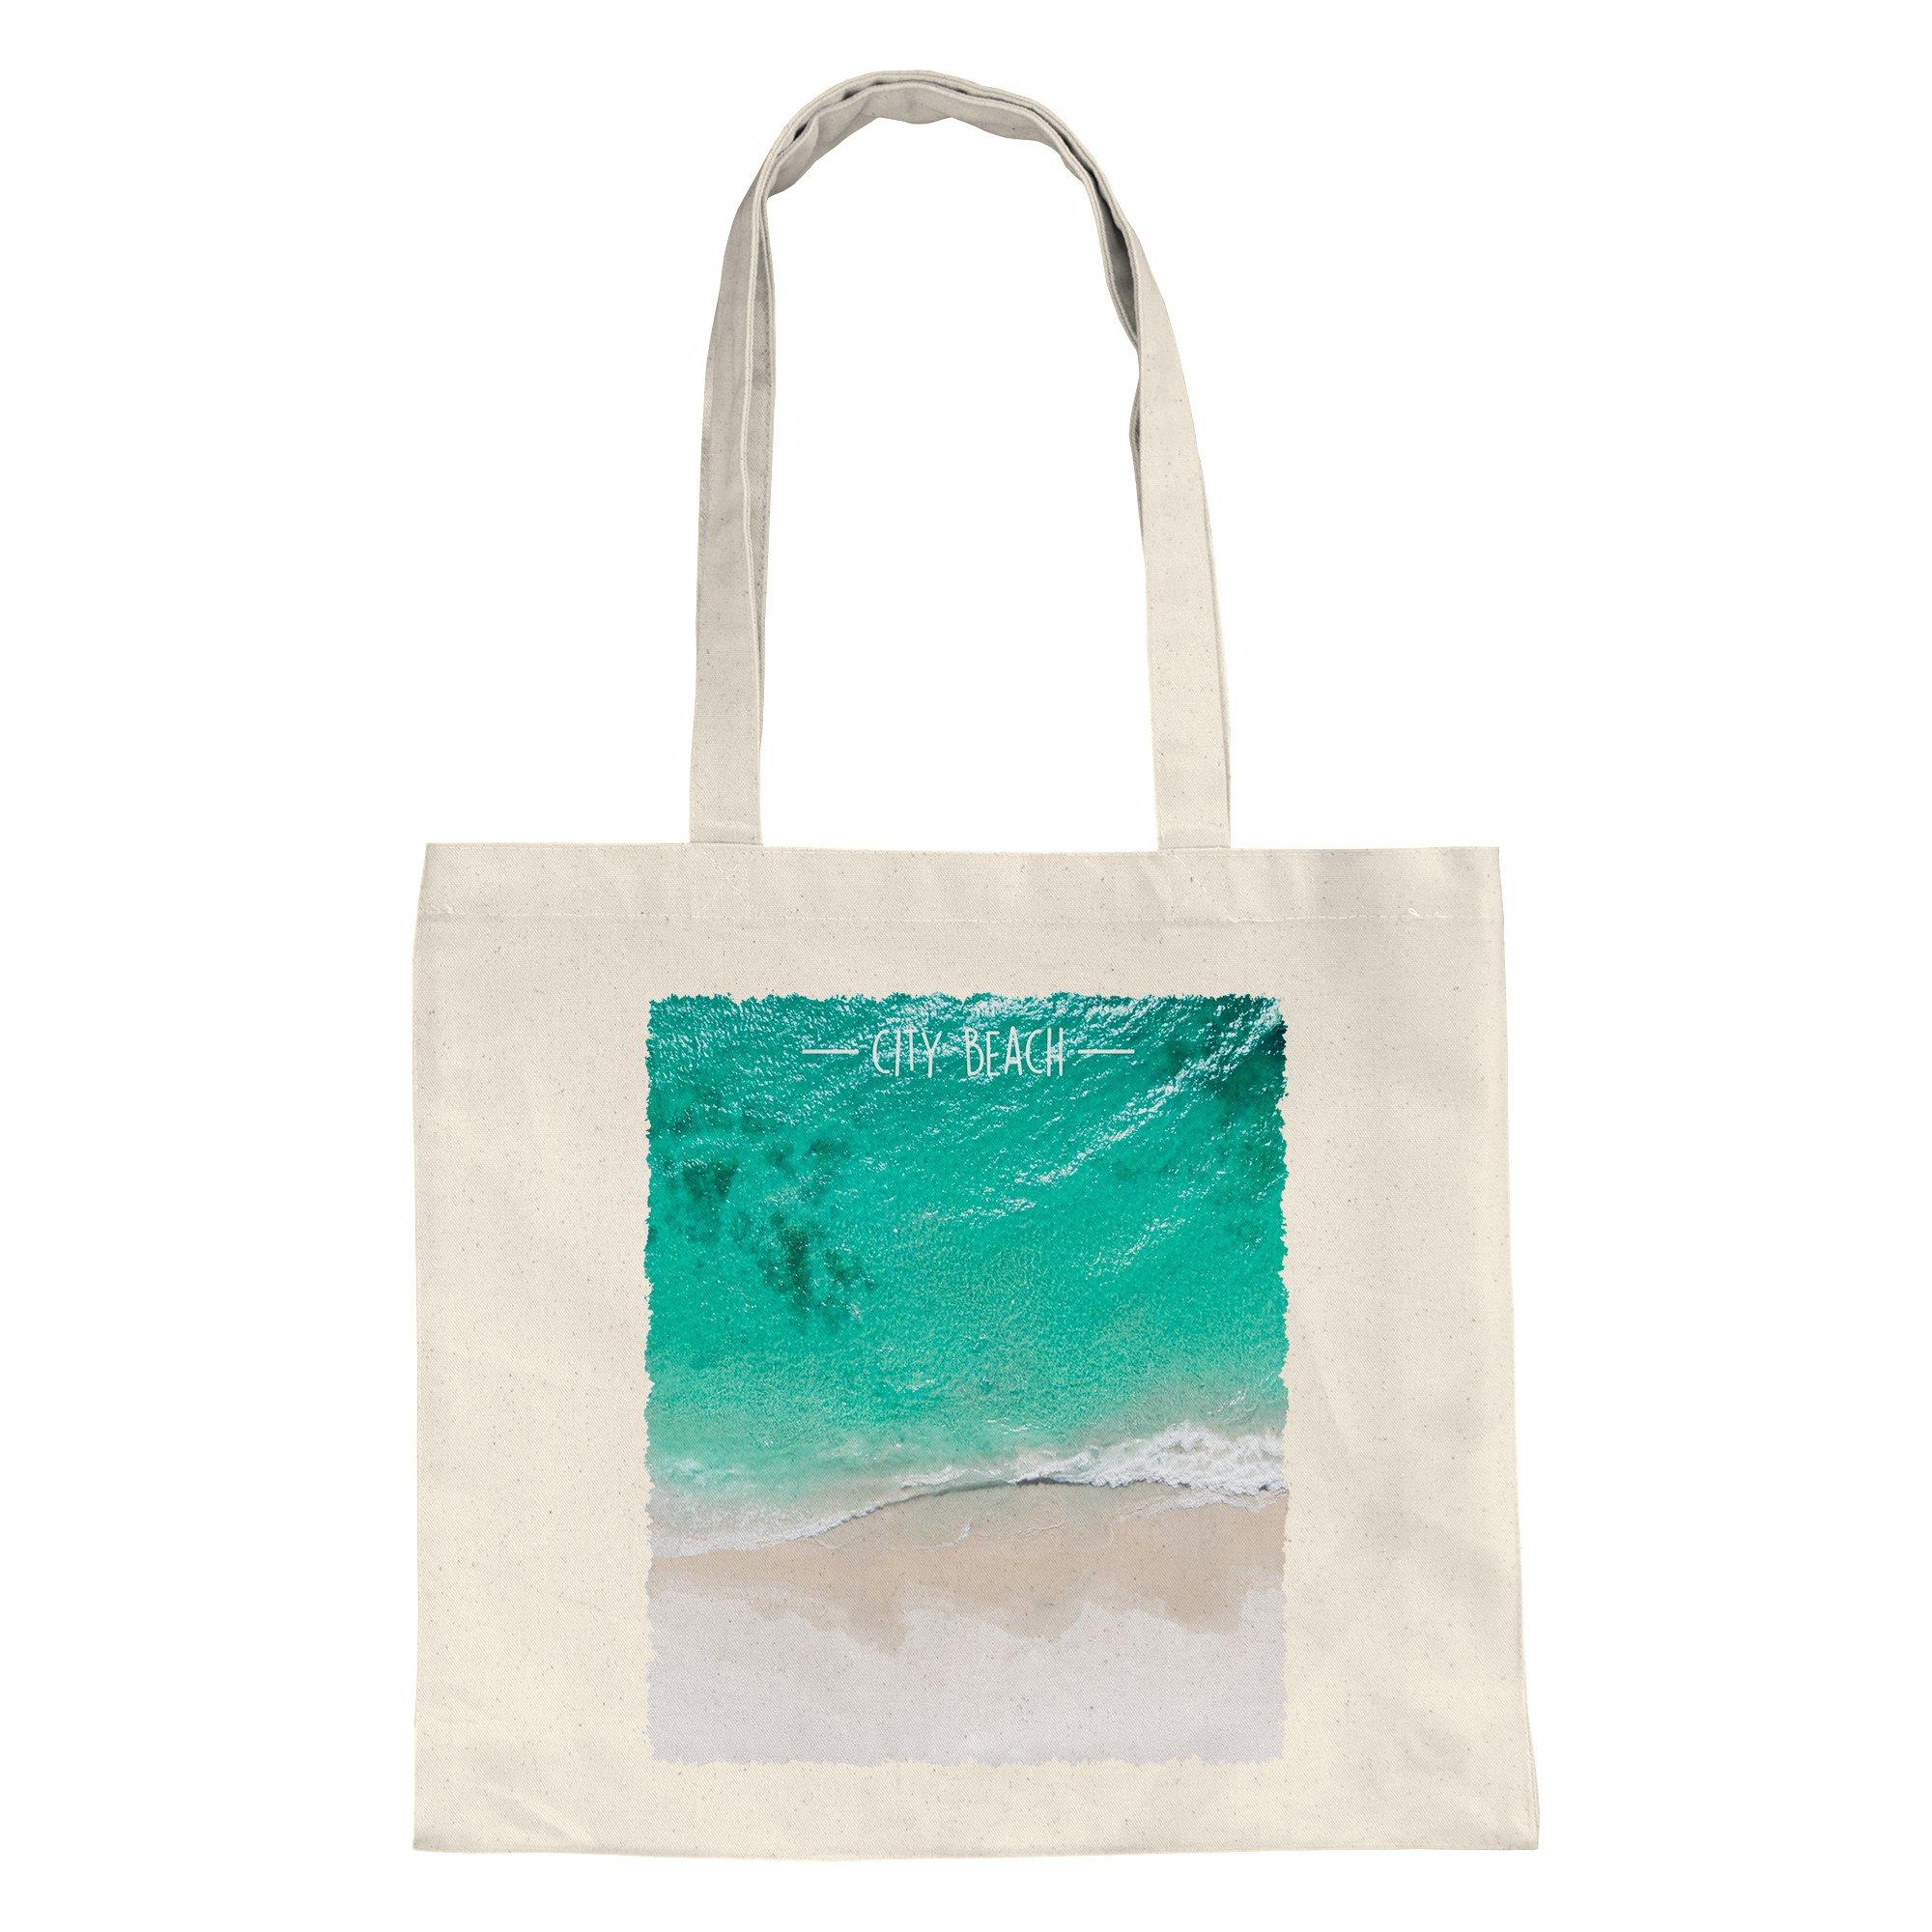 tote-shopping-bag-city-beach-perth_1024x1024@2x